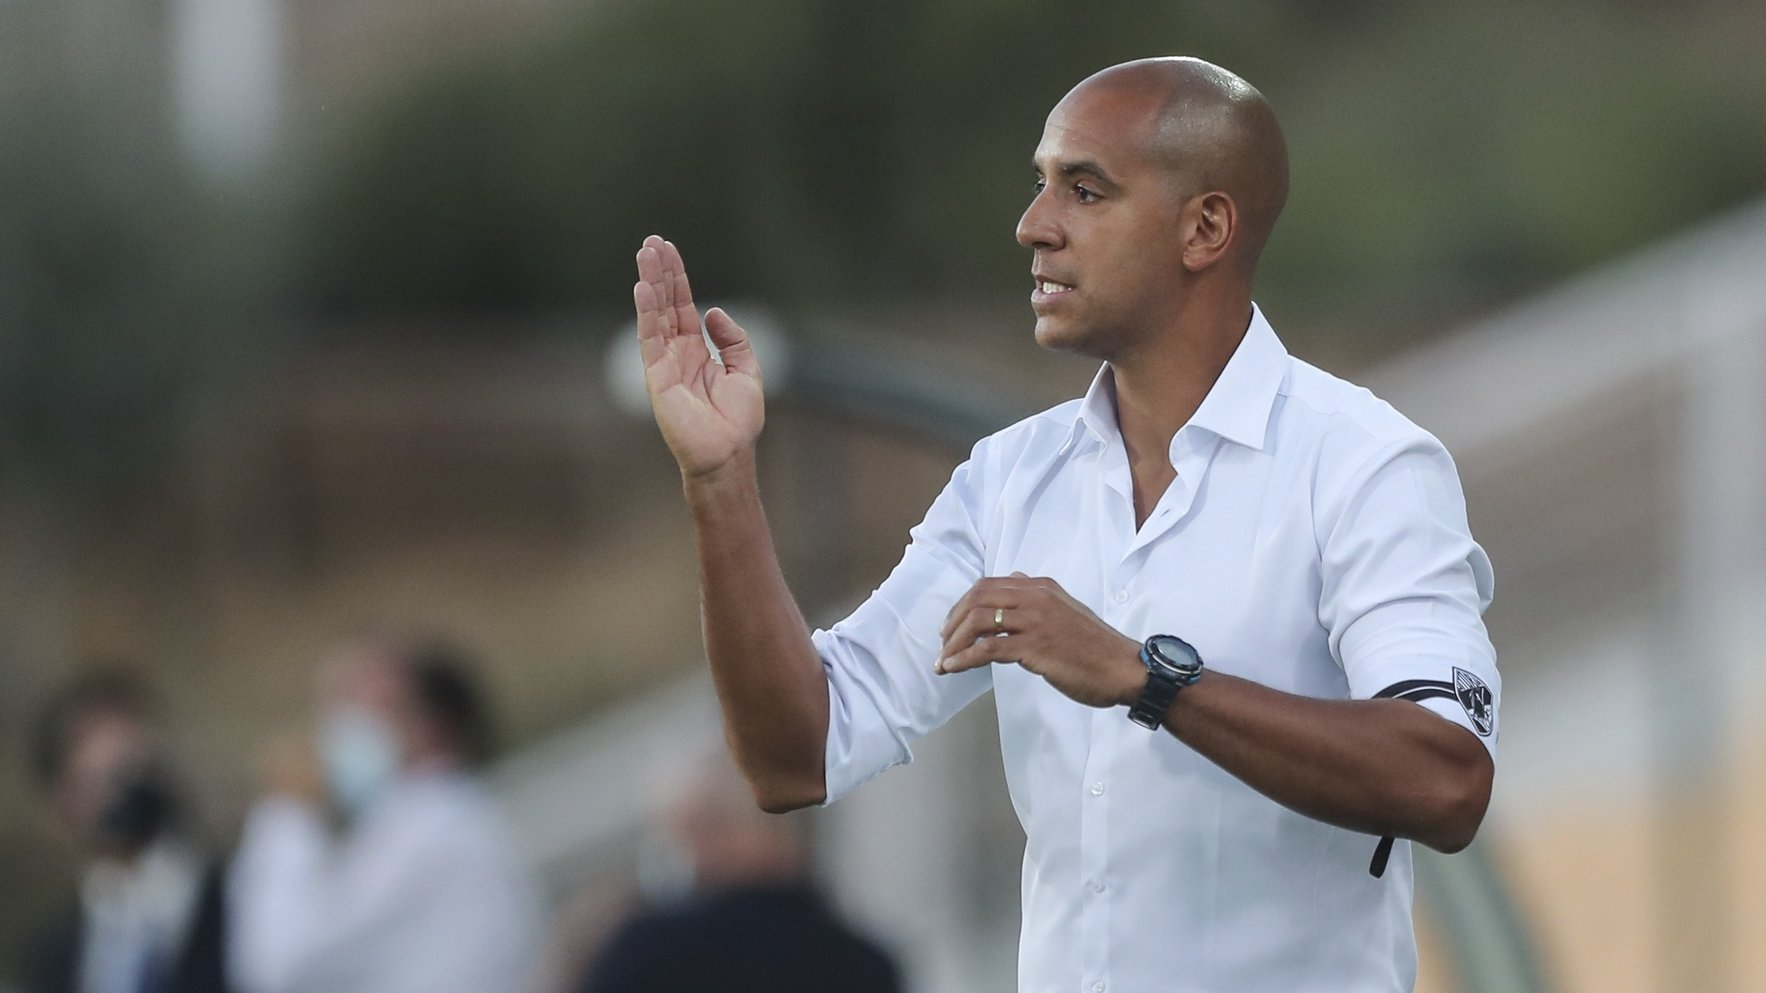 O treinador do Vitória de Guimarães, Pepa, reage durante o jogo da Primeira Liga de futebol contra o Estoril Praia realizado no Estádio António Coimbra da Mota, no Estoril. 13 de agosto de 2021. MIGUEL A. LOPES/LUSA